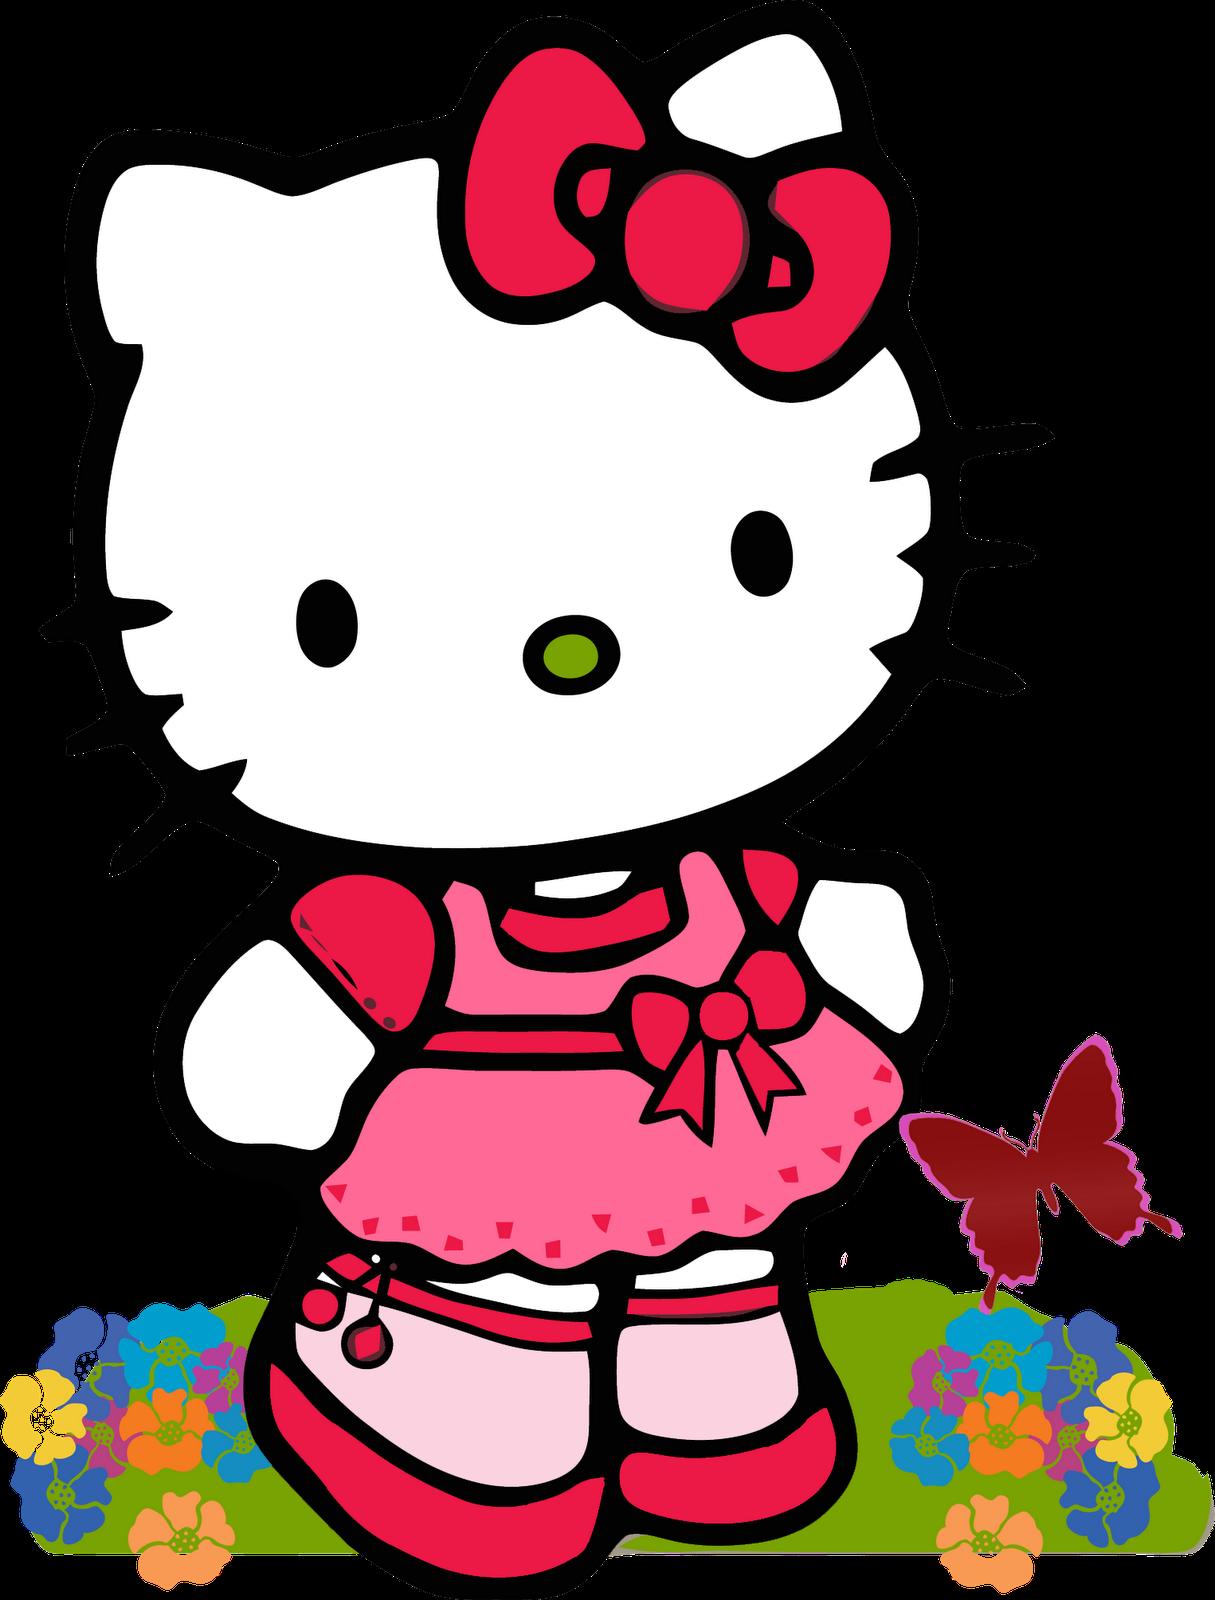 Kumpulan Gambar Kartun Hello Kitty Lucu